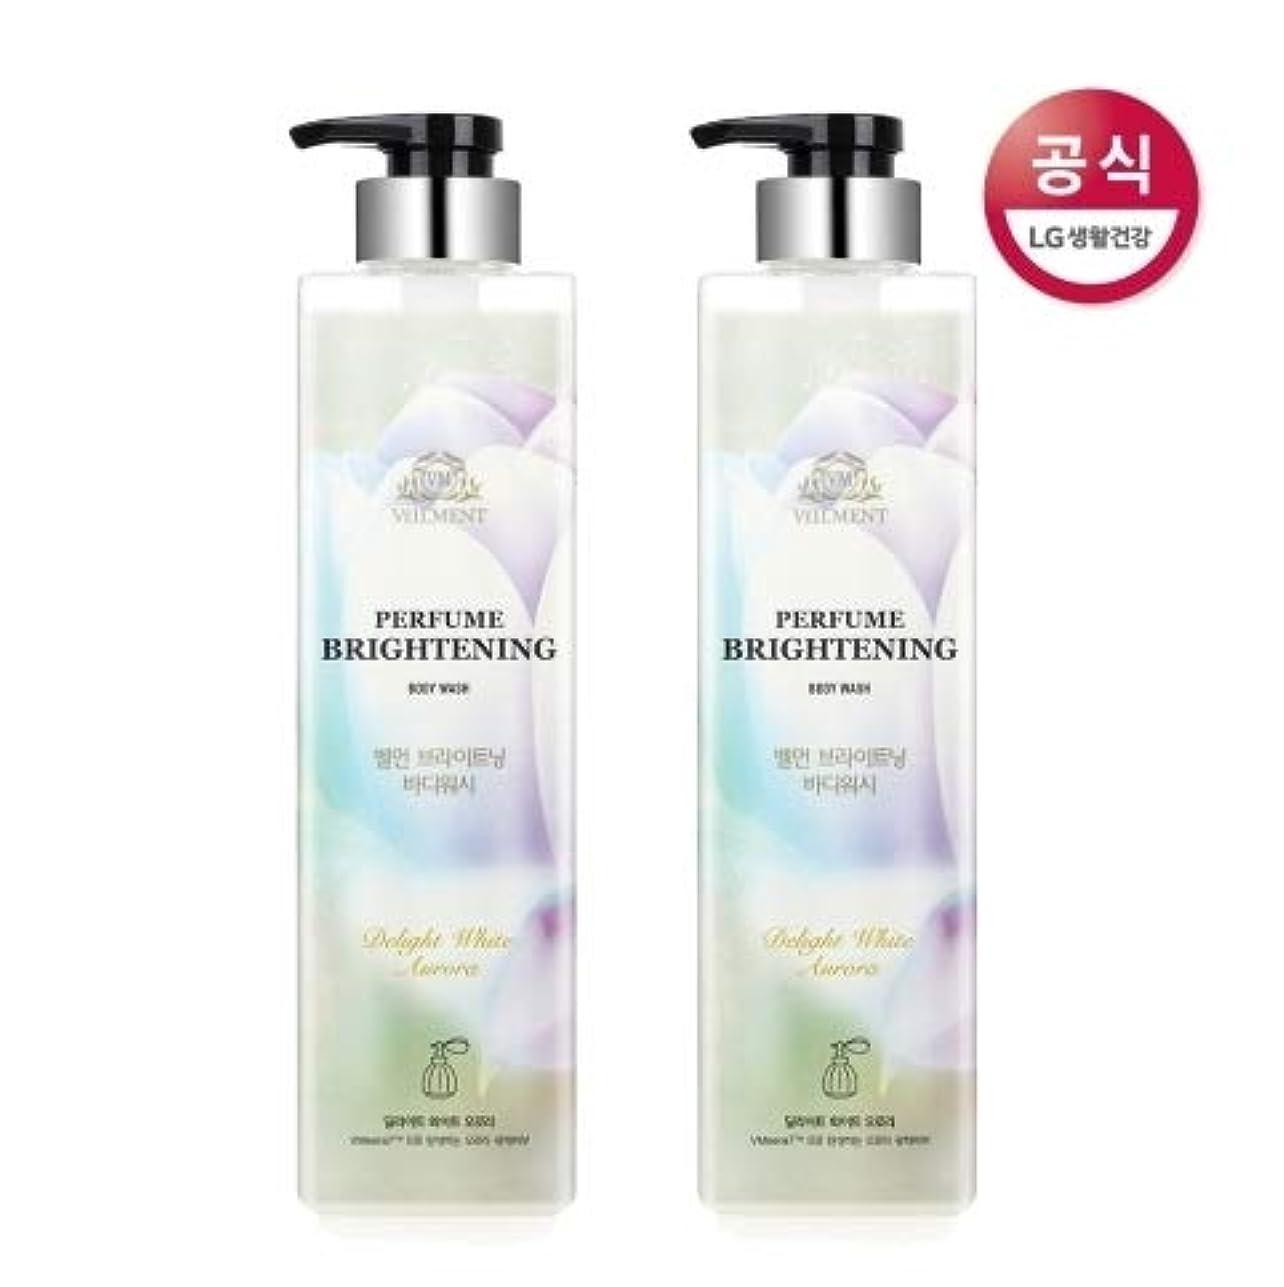 保証金ホイップ辛い[LG HnB] On the Body Belman Perfume Brightening Body Wash / オンザボディベルモンパフュームブライトニングボディウォッシュ680mlx2個(海外直送品)